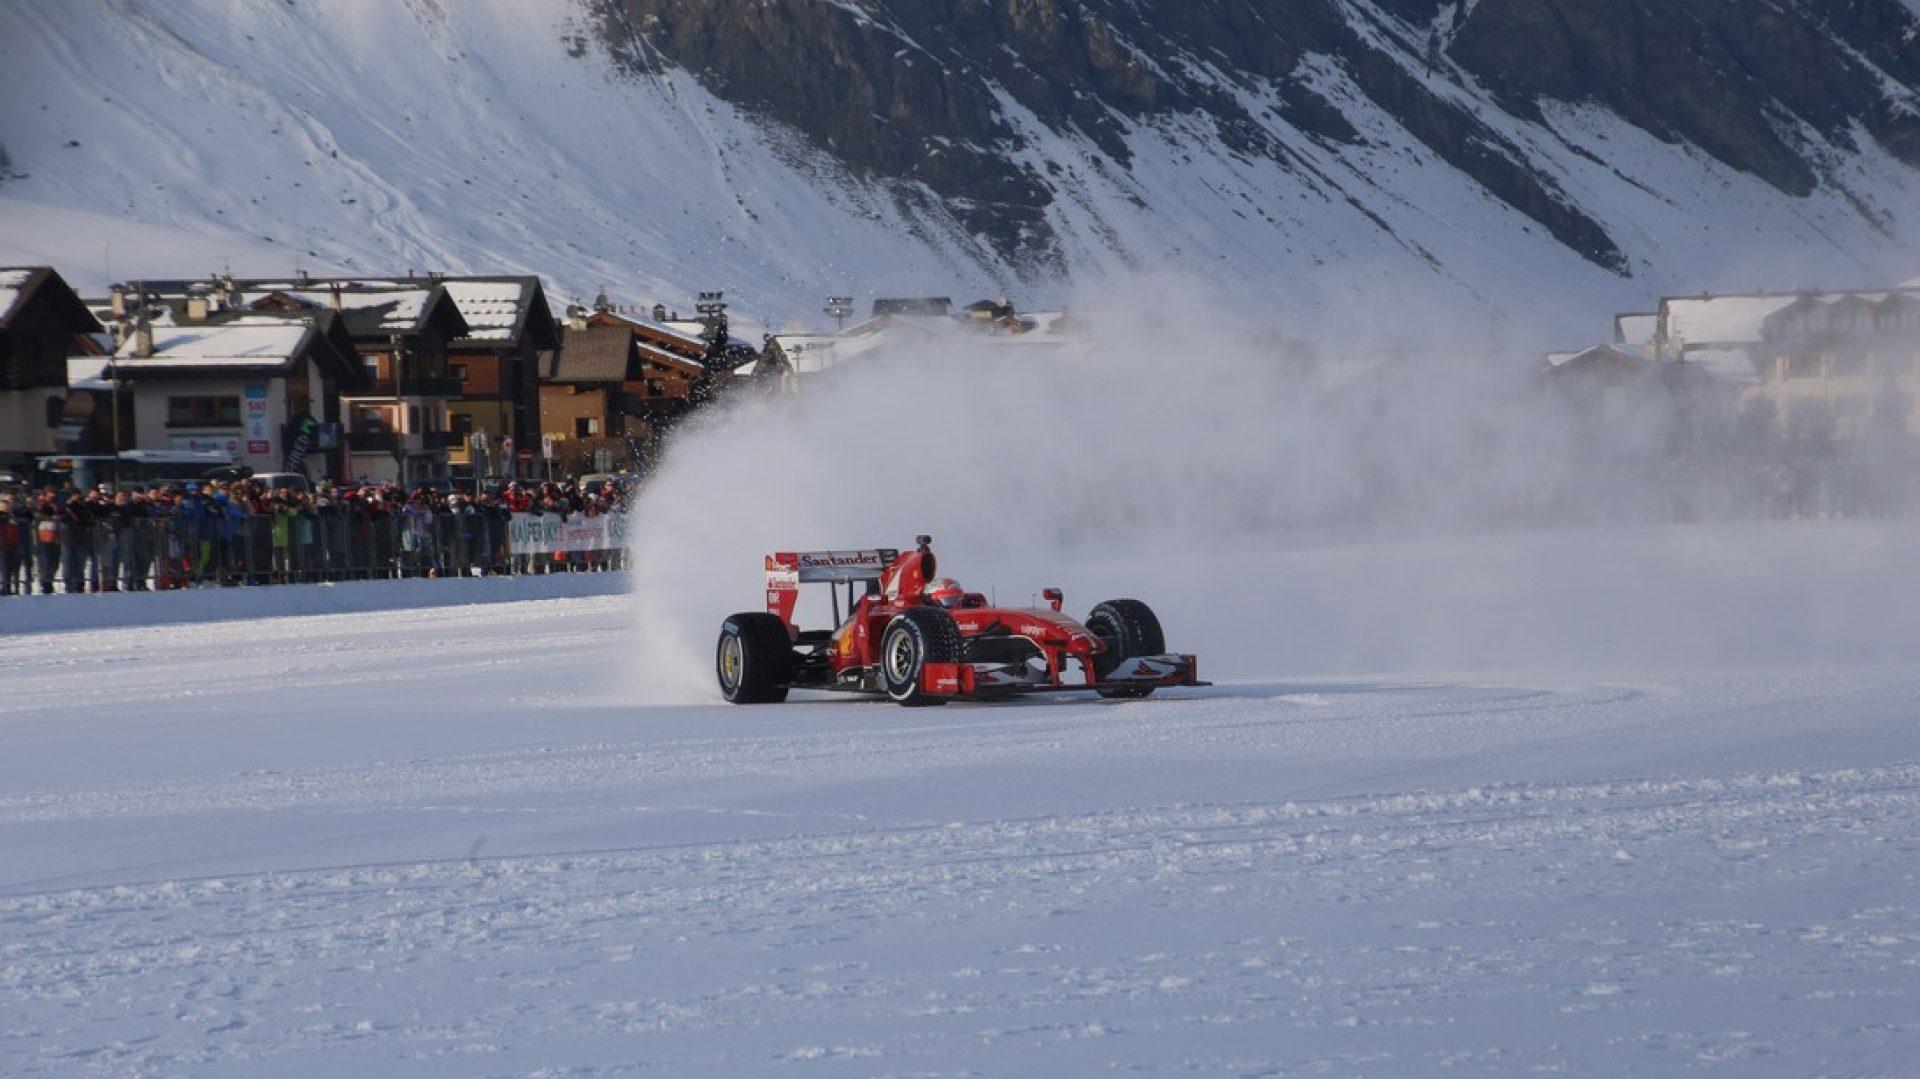 Febbraio 2016. Giancarlo Fisichella sulla neve di Livigno